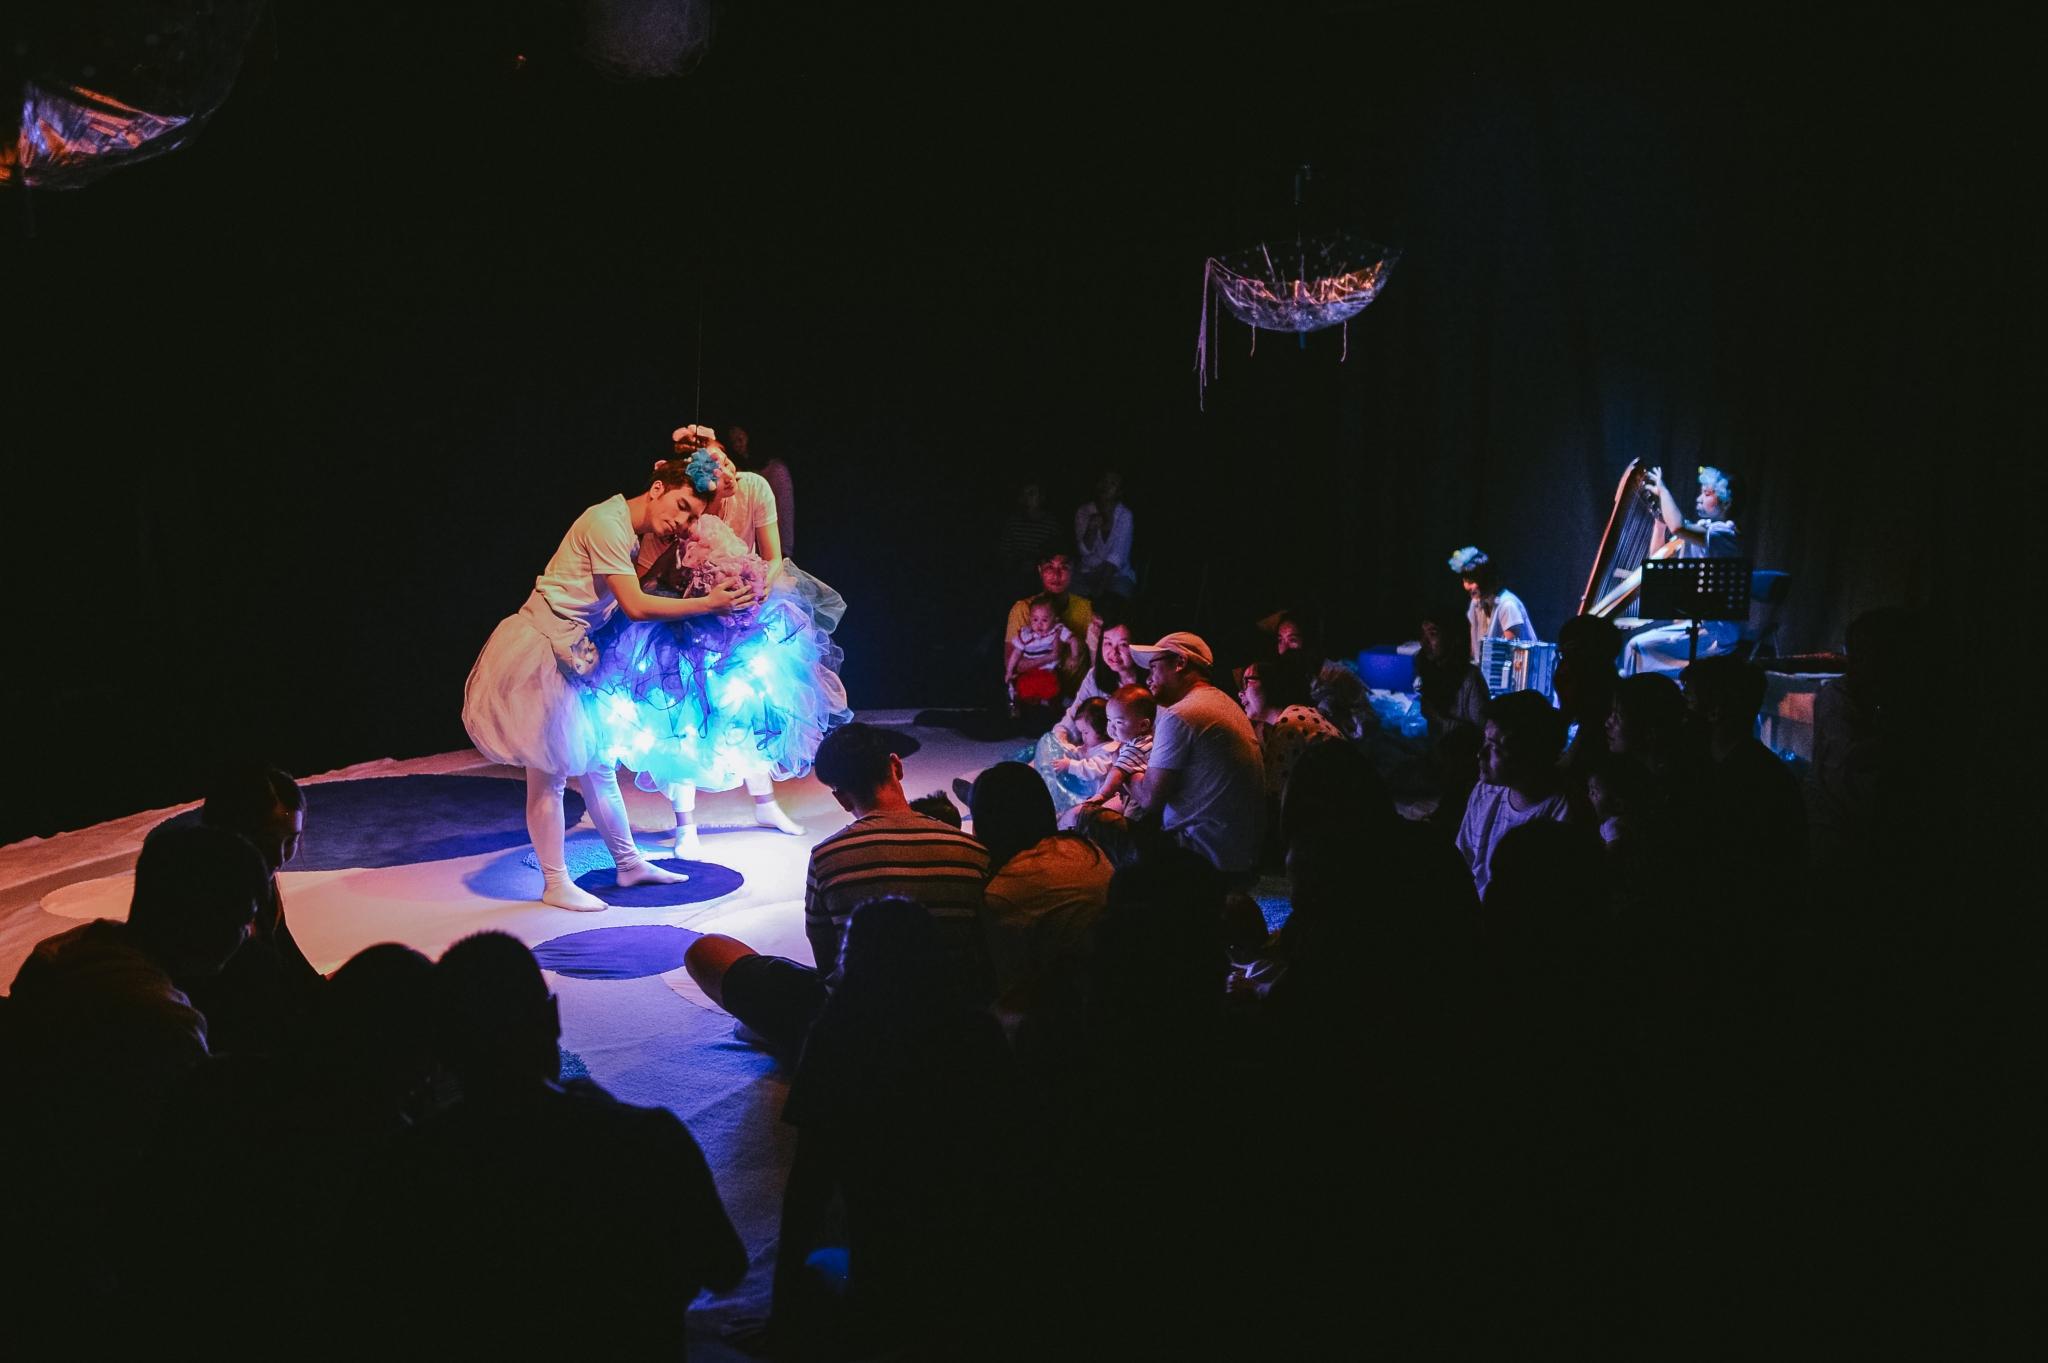 《親親「泡泡」郁郁貢》劇照(照片由大老鼠兒童戲劇團提供)